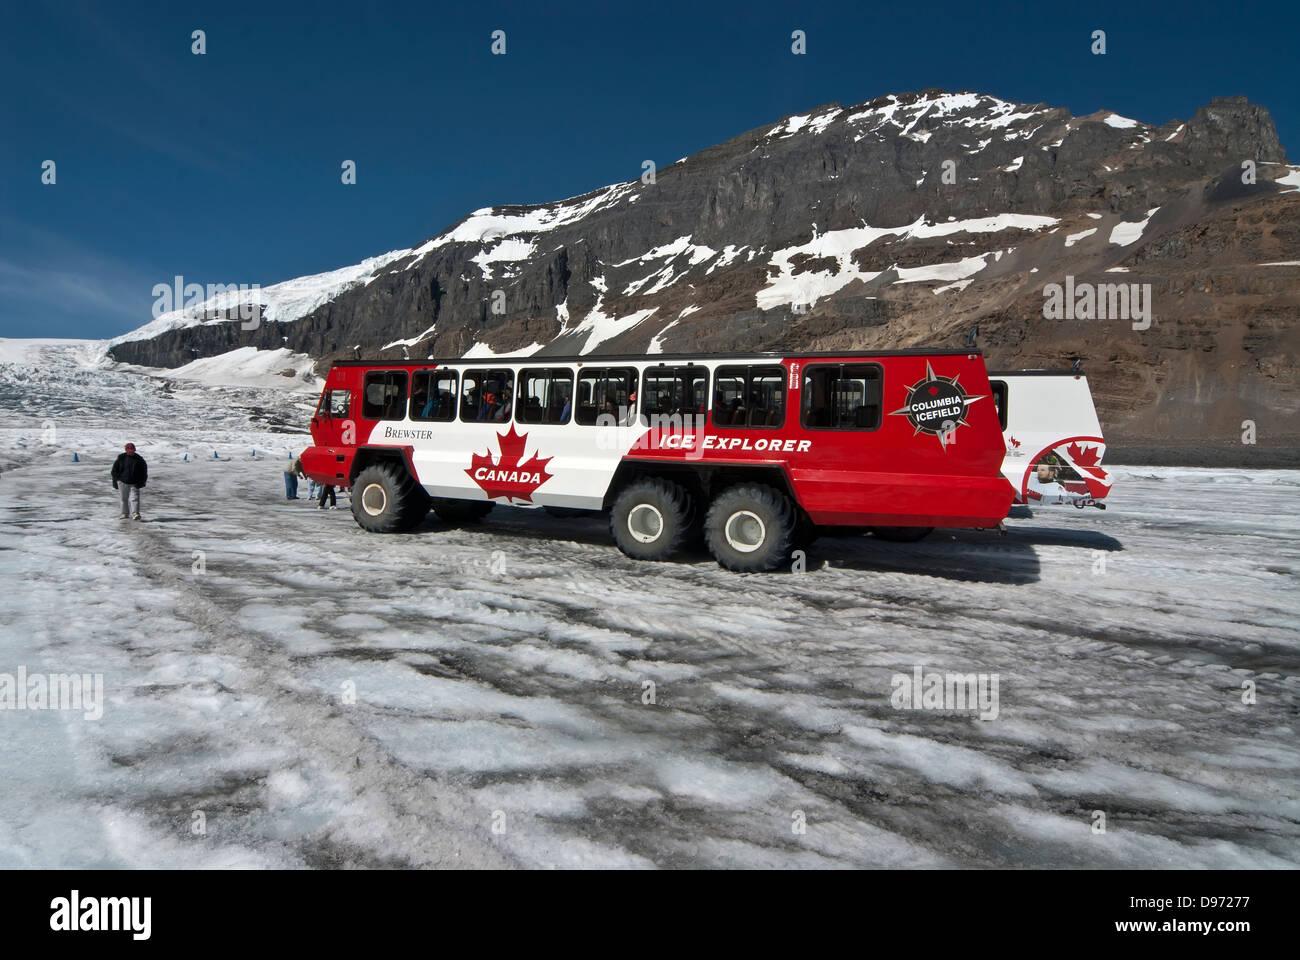 Ice explorer en glaciar Athabasca, Canadian Rockies Imagen De Stock